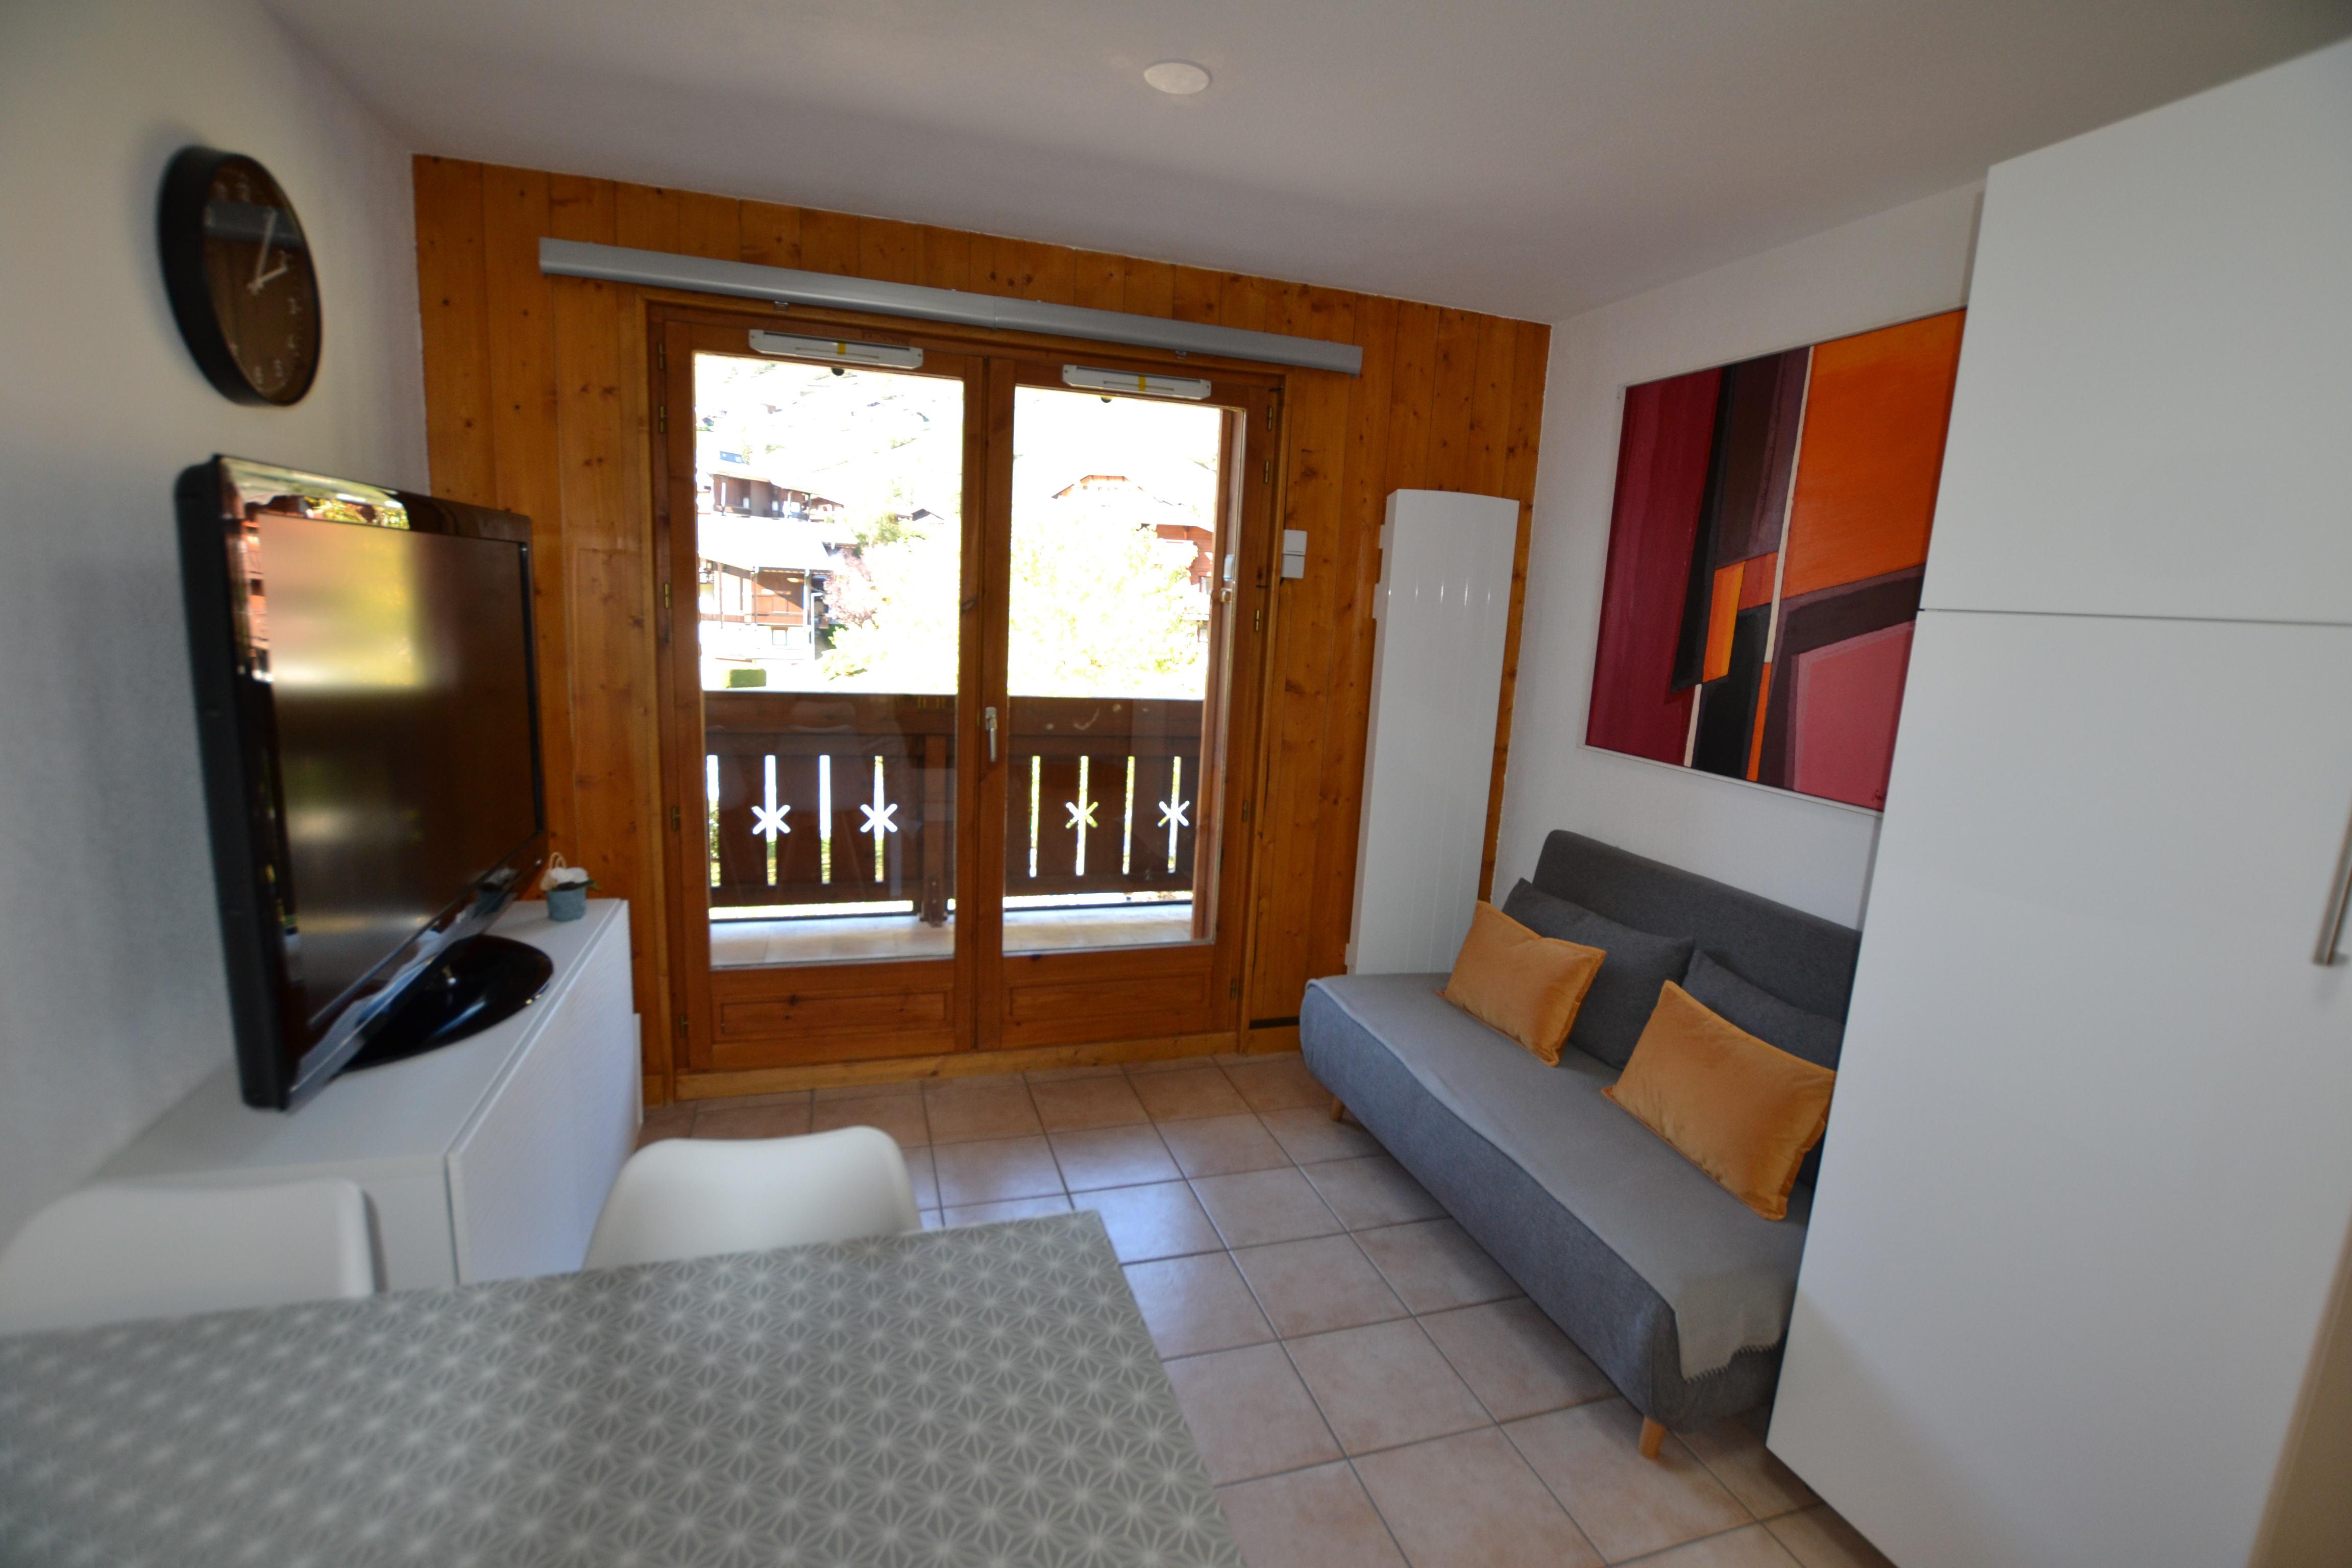 3 pièces pour 6 personnes en location de vacances à Praz Sur Arly